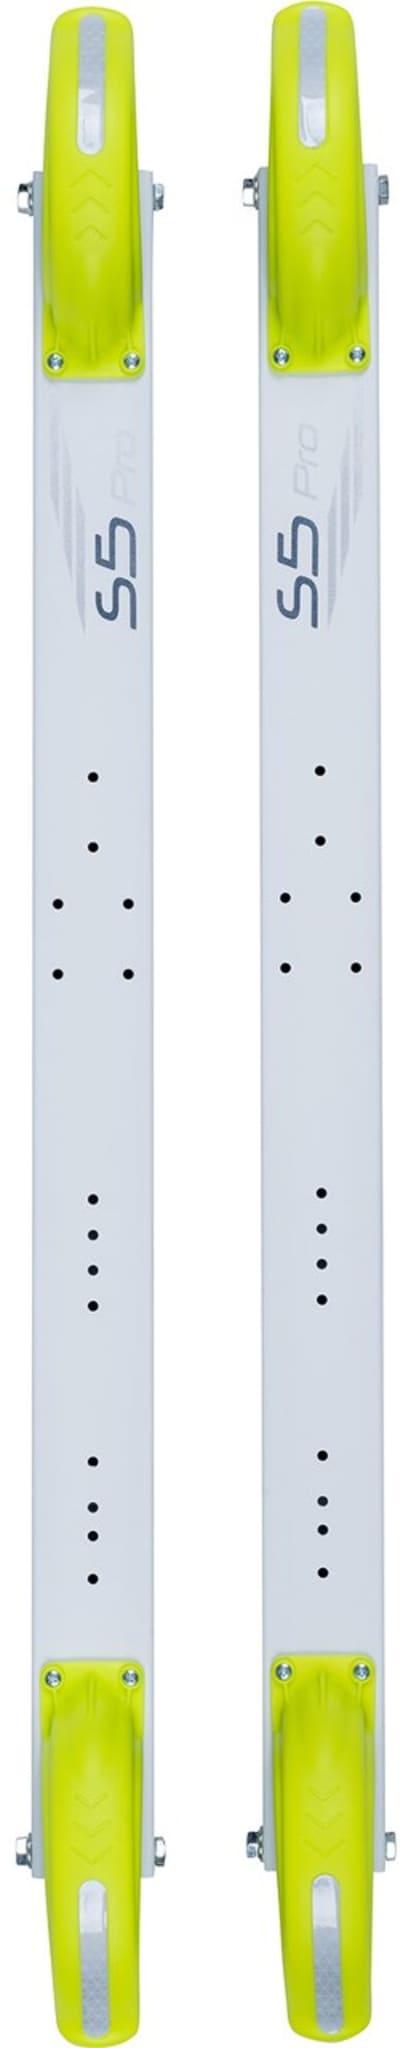 Skøyterulleski med lang stamme og lavt tyngdepunkt, som er lettest i sin klasse. Inkludert binding fra Rottefella!